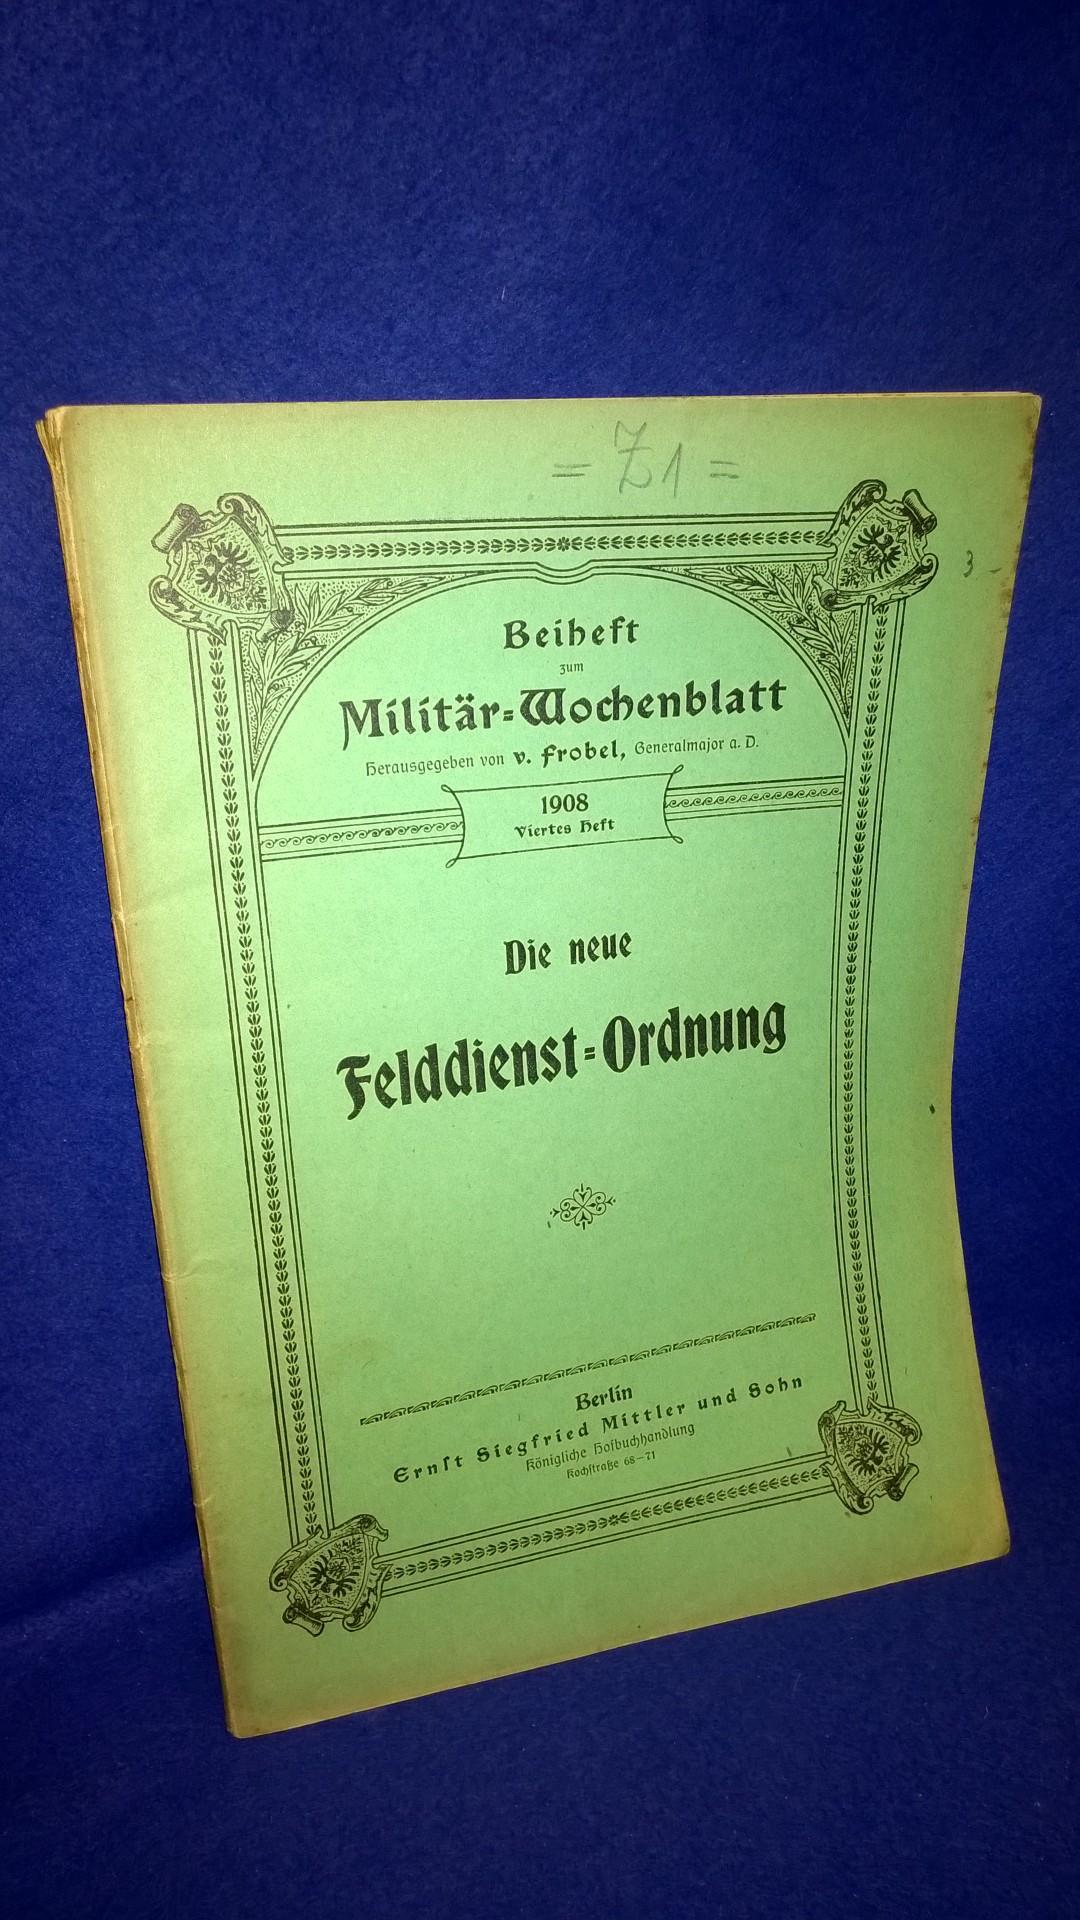 Beiheft zum Militär-Wochenblatt,1908,4.Heft: Die neue Felddienst-Ordnung 1908.